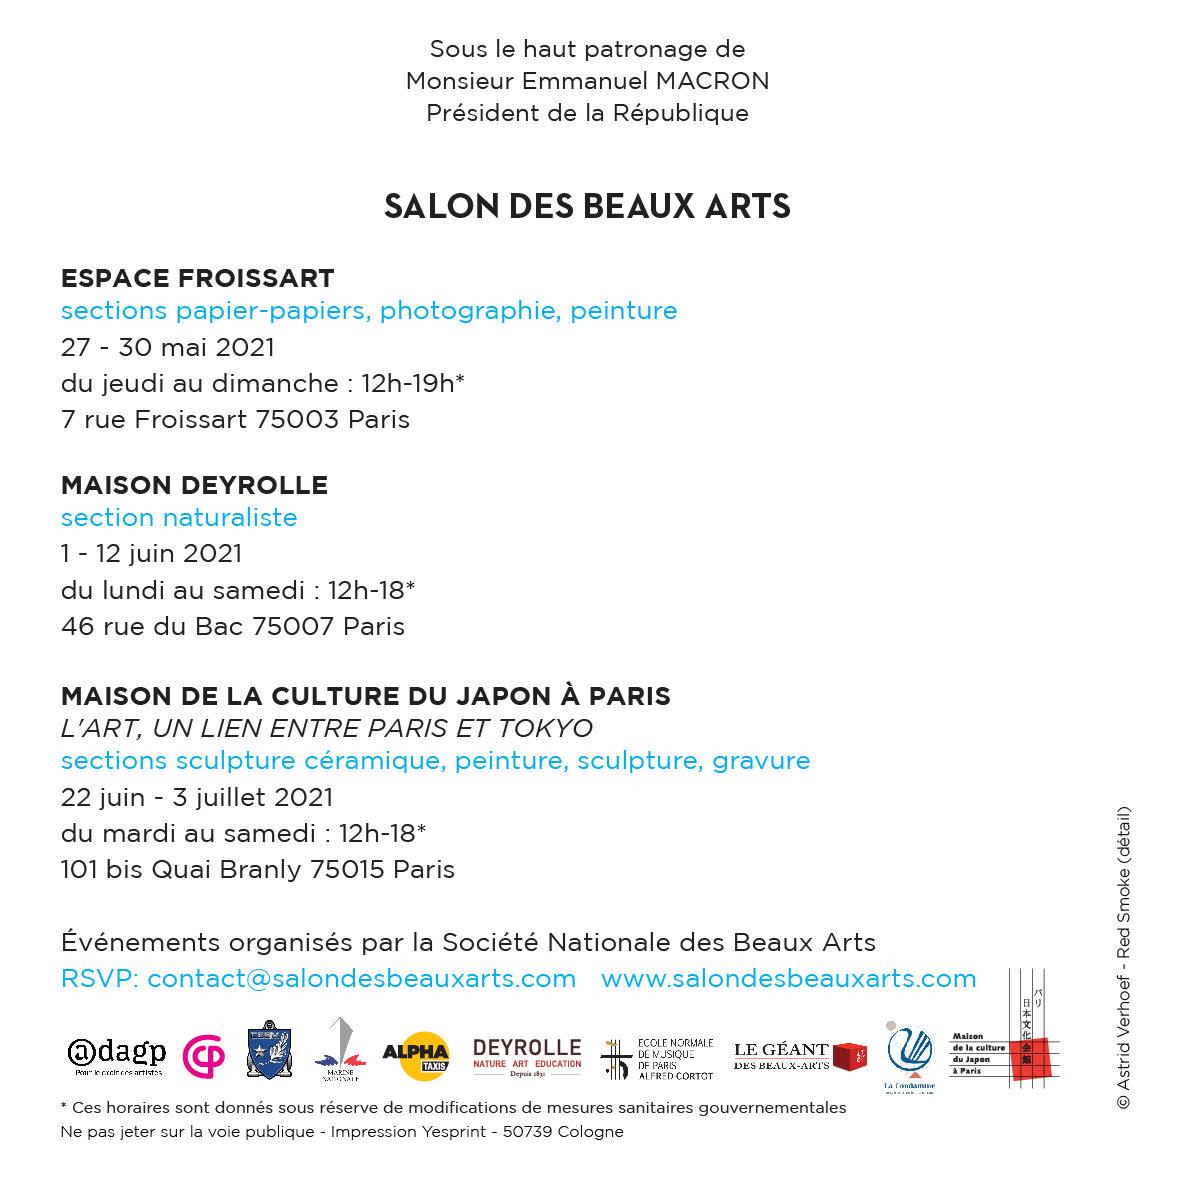 Invitation Salon Beaux Arts 2020 recto